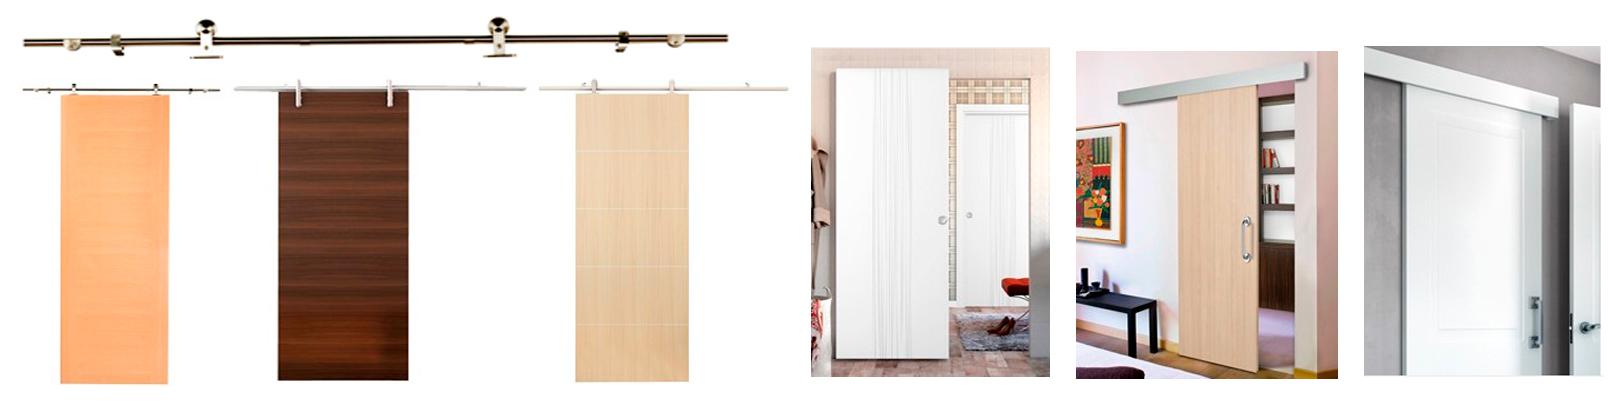 Puertas, armarios y molduras. Arcolínea: Puertas correderas de madera con herrajes vistos de acero.